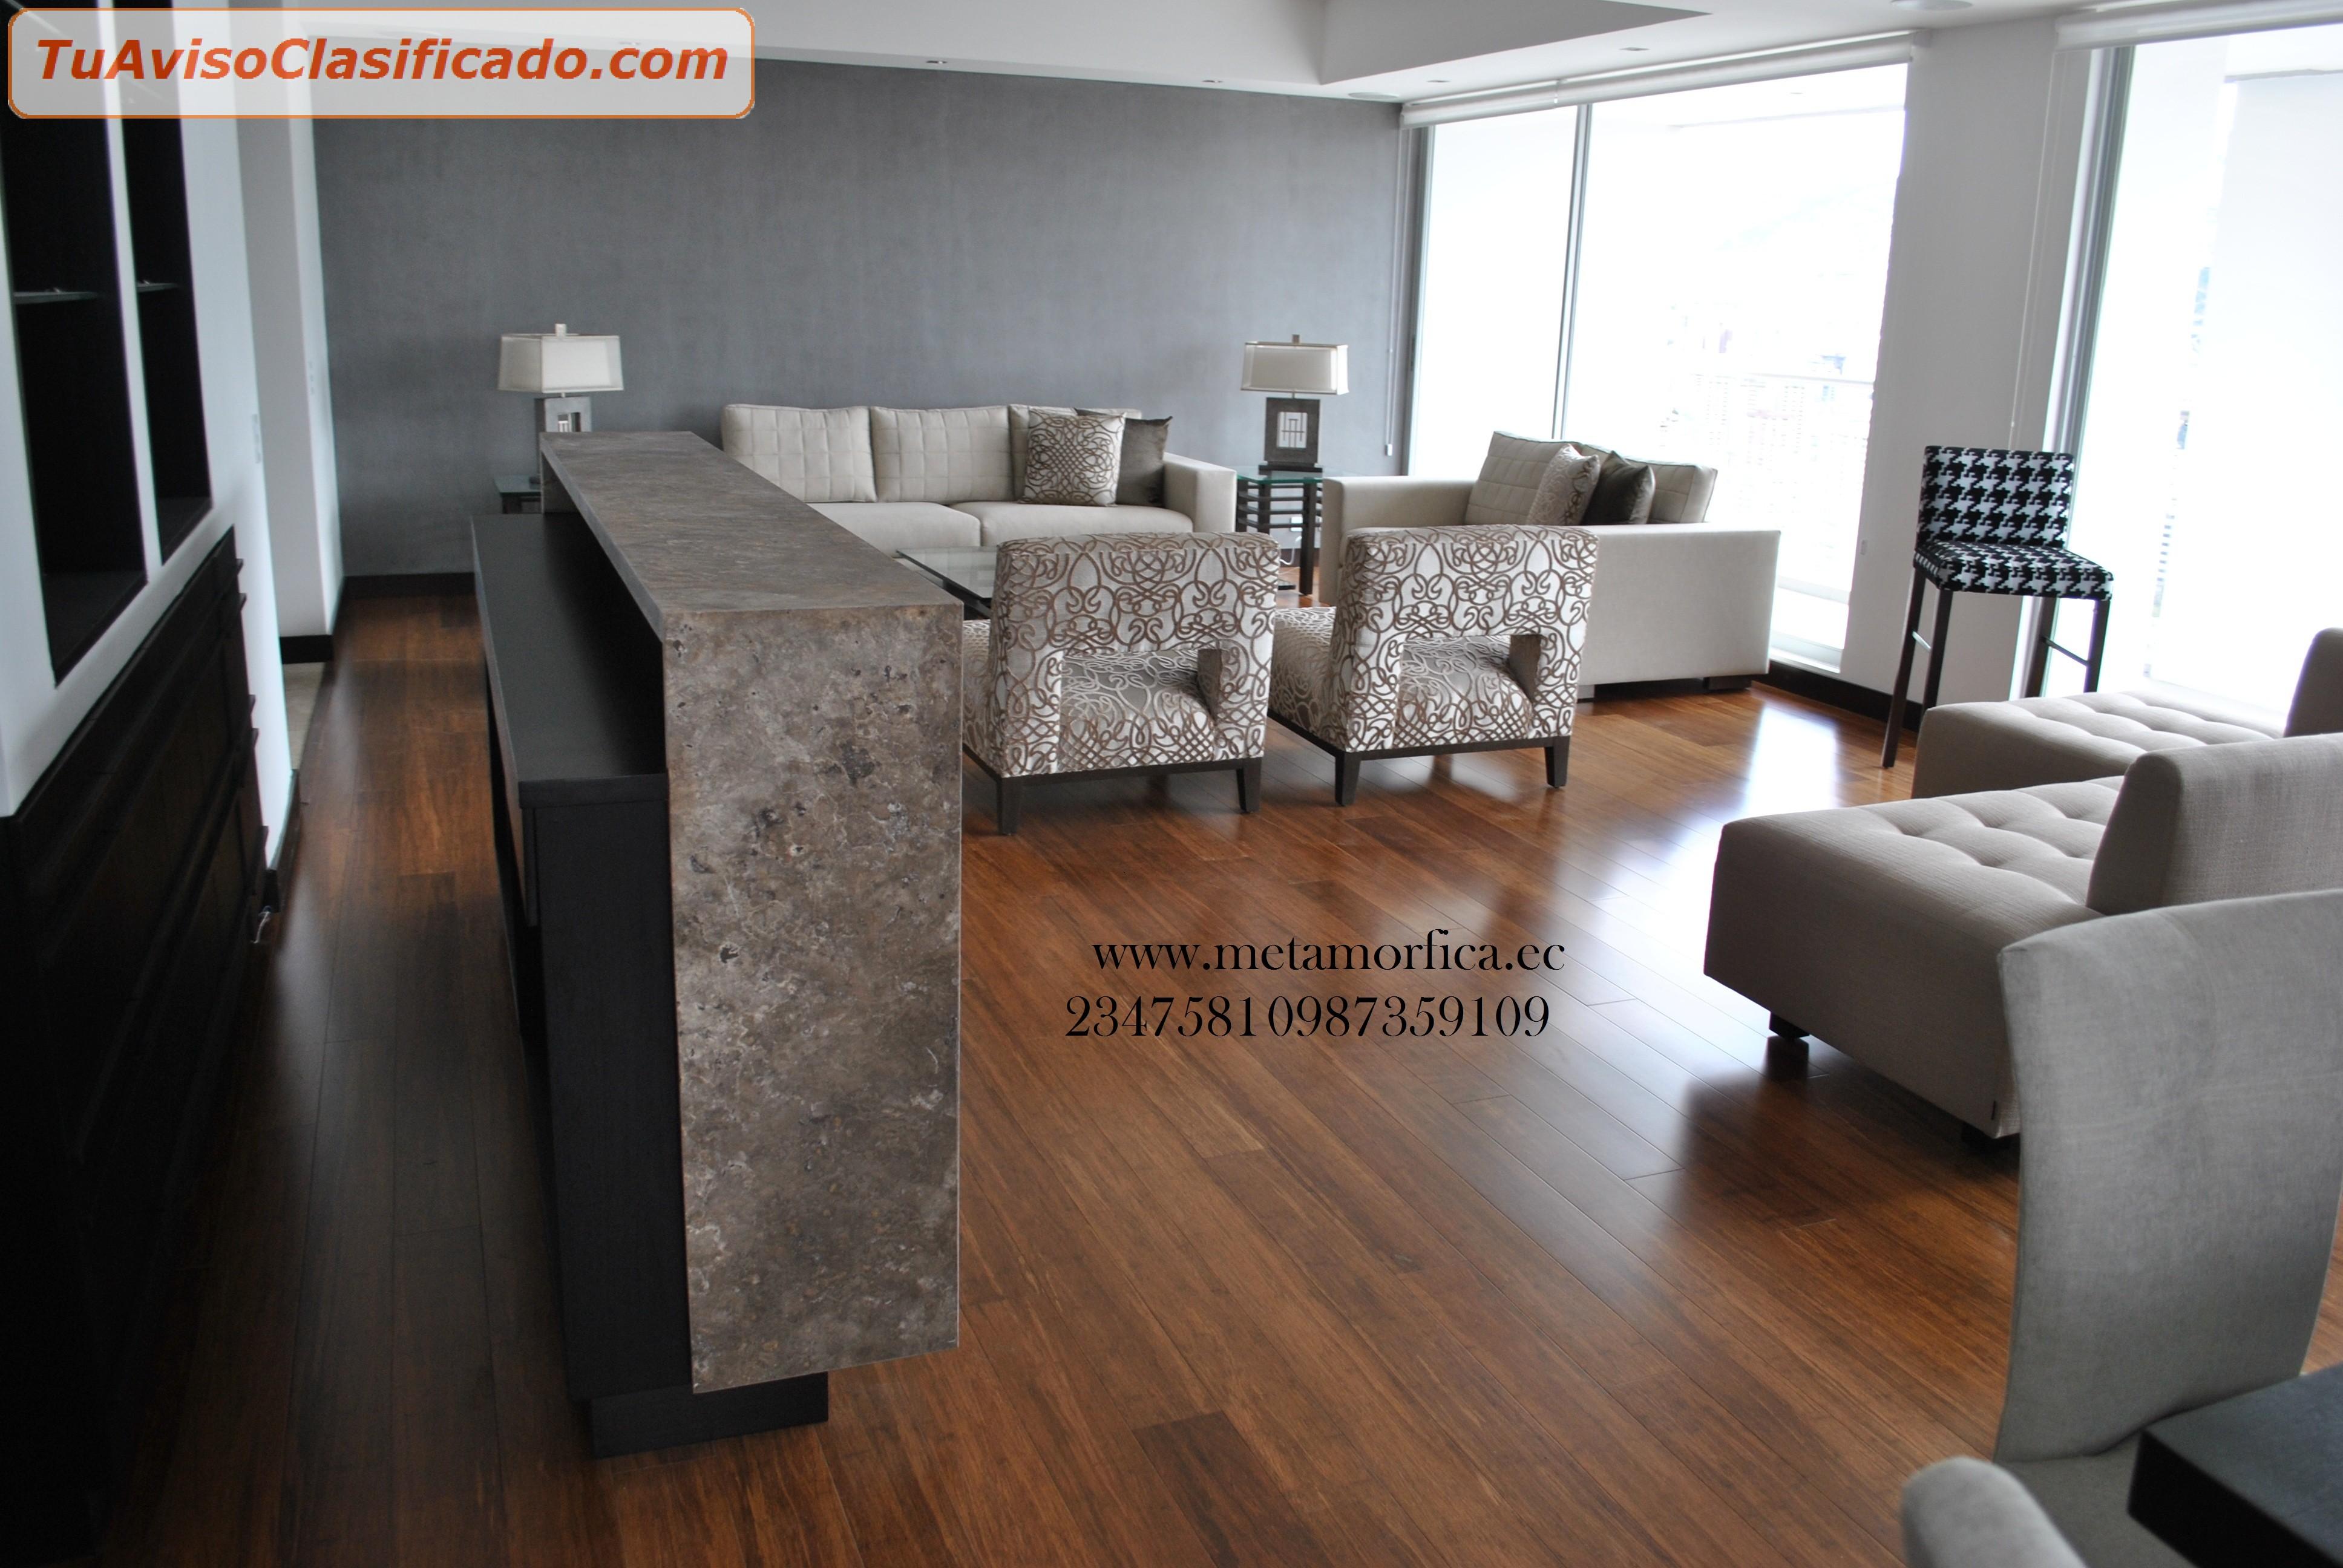 Marmoles maderas y granitos mobiliario y equipamiento for Piedras granitos y marmoles